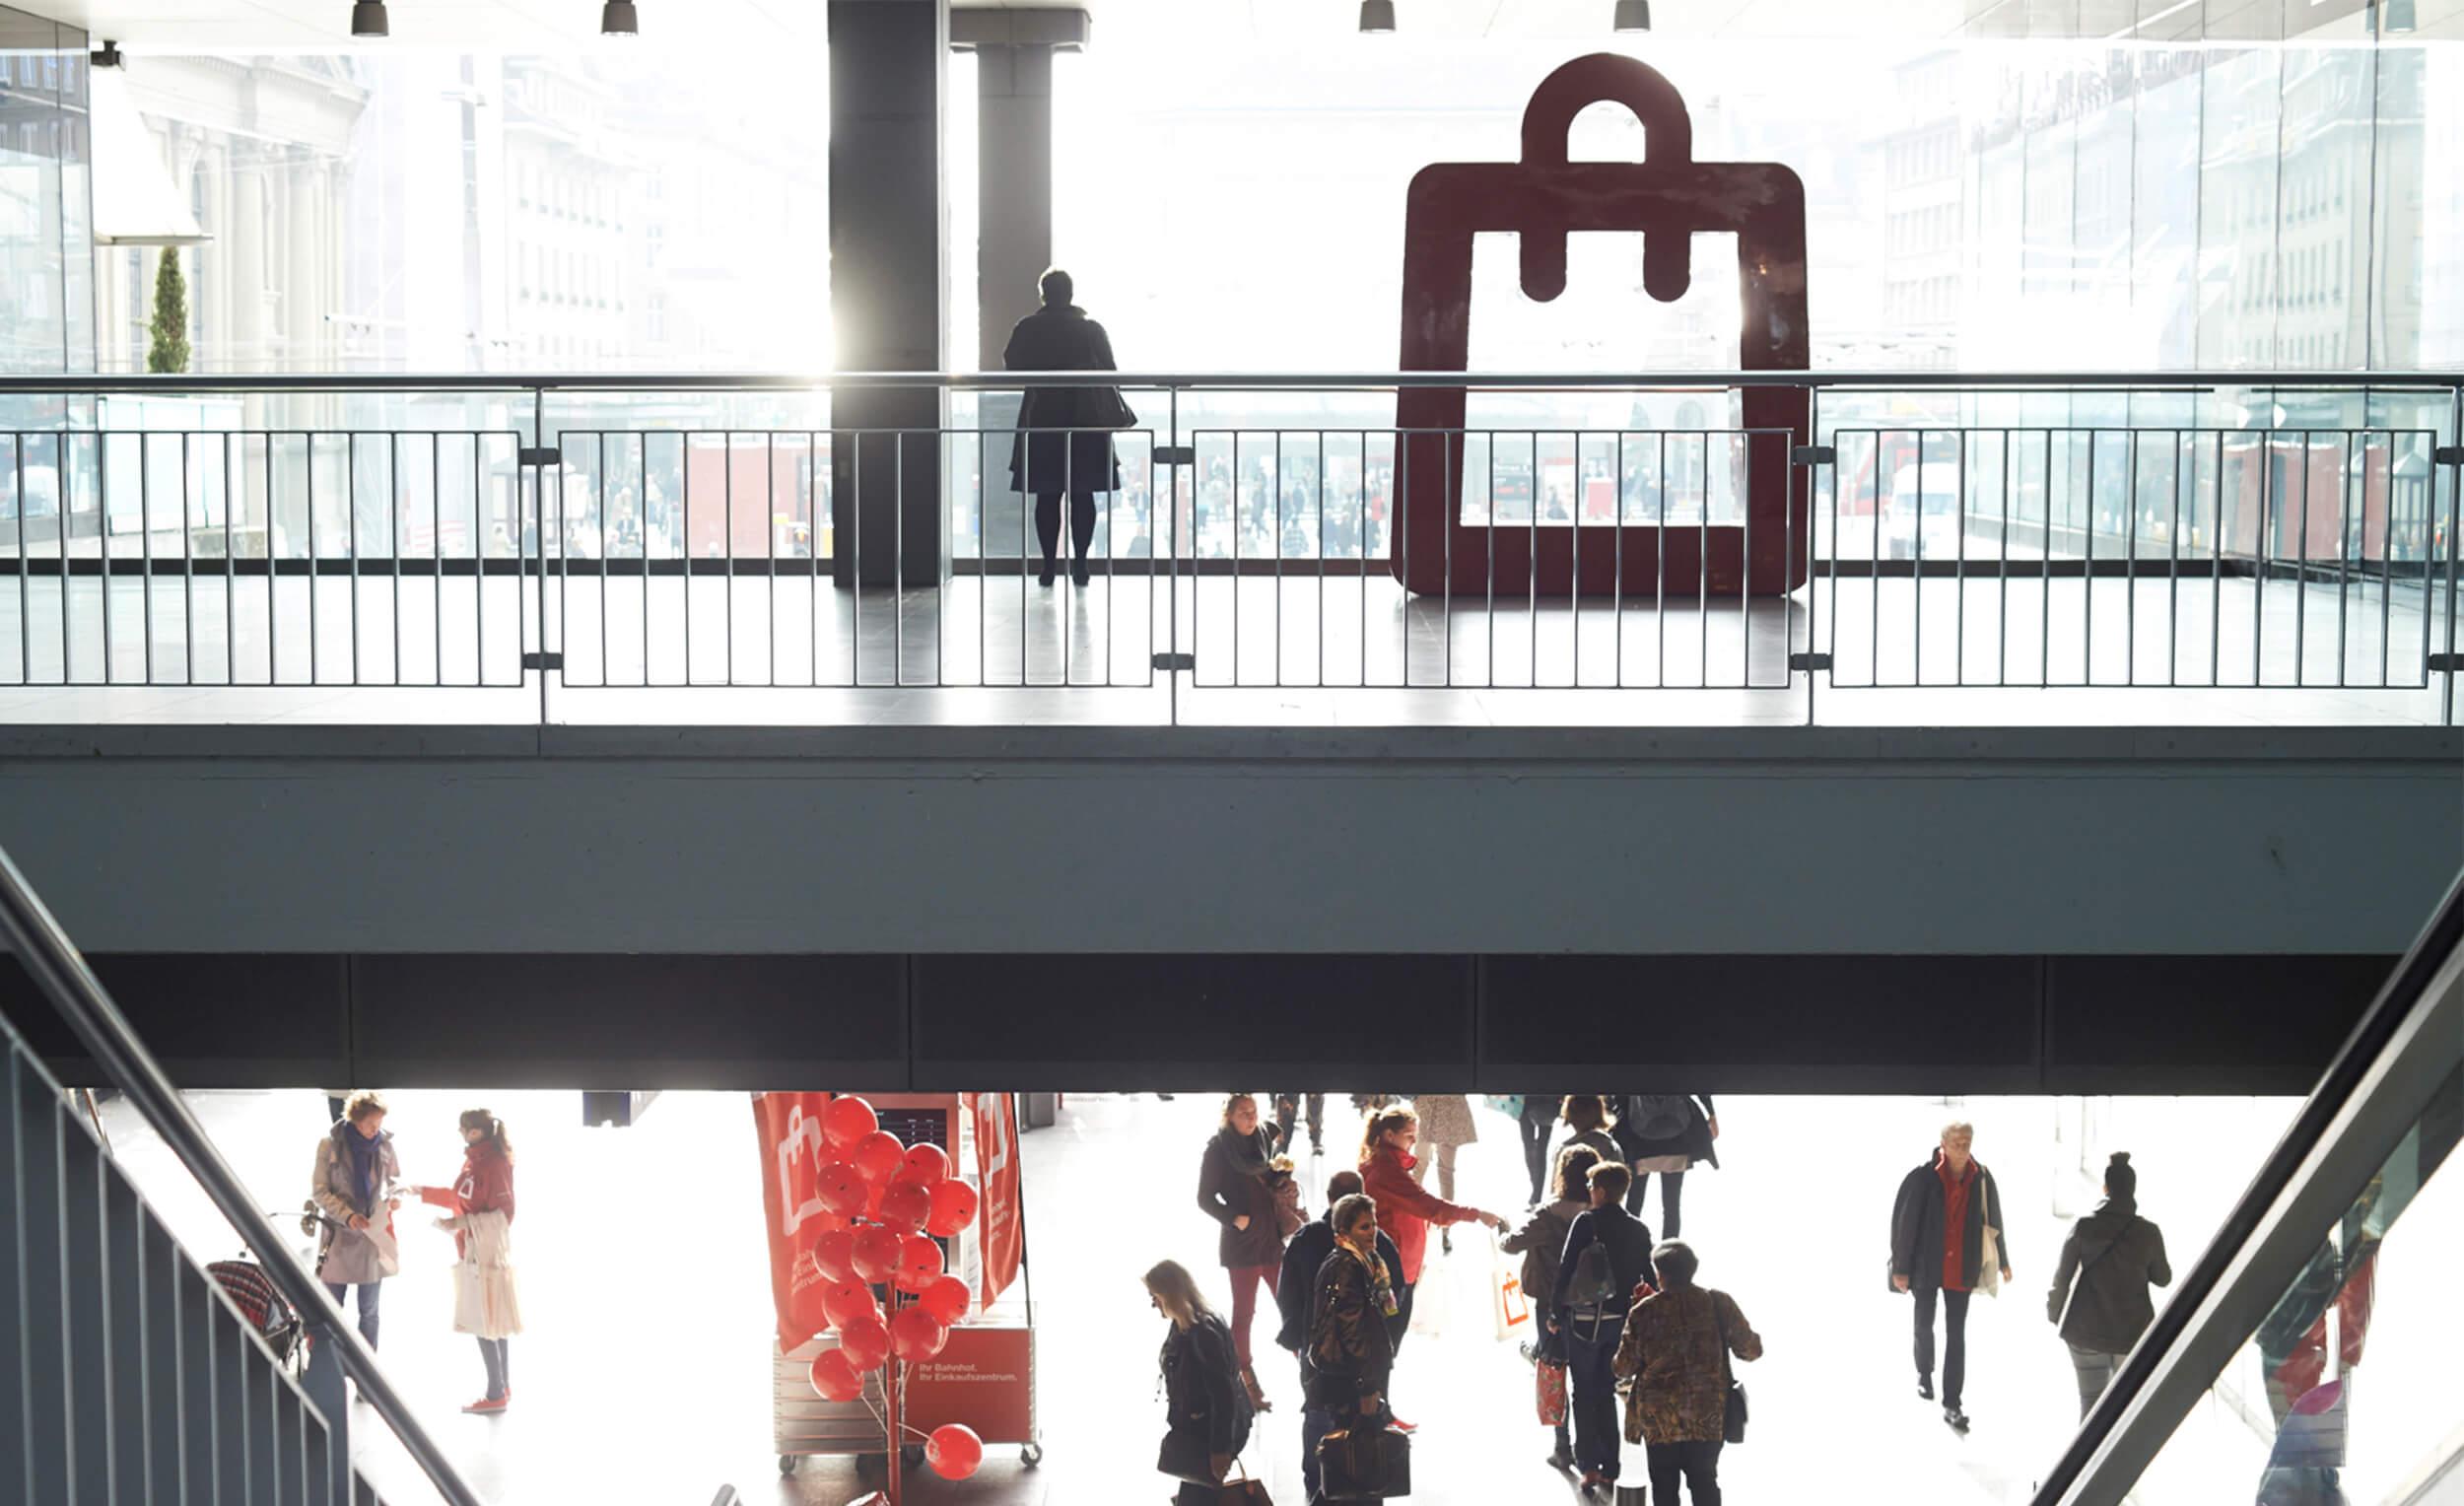 车站购物中心品牌标识设计 ©Schneiter partner